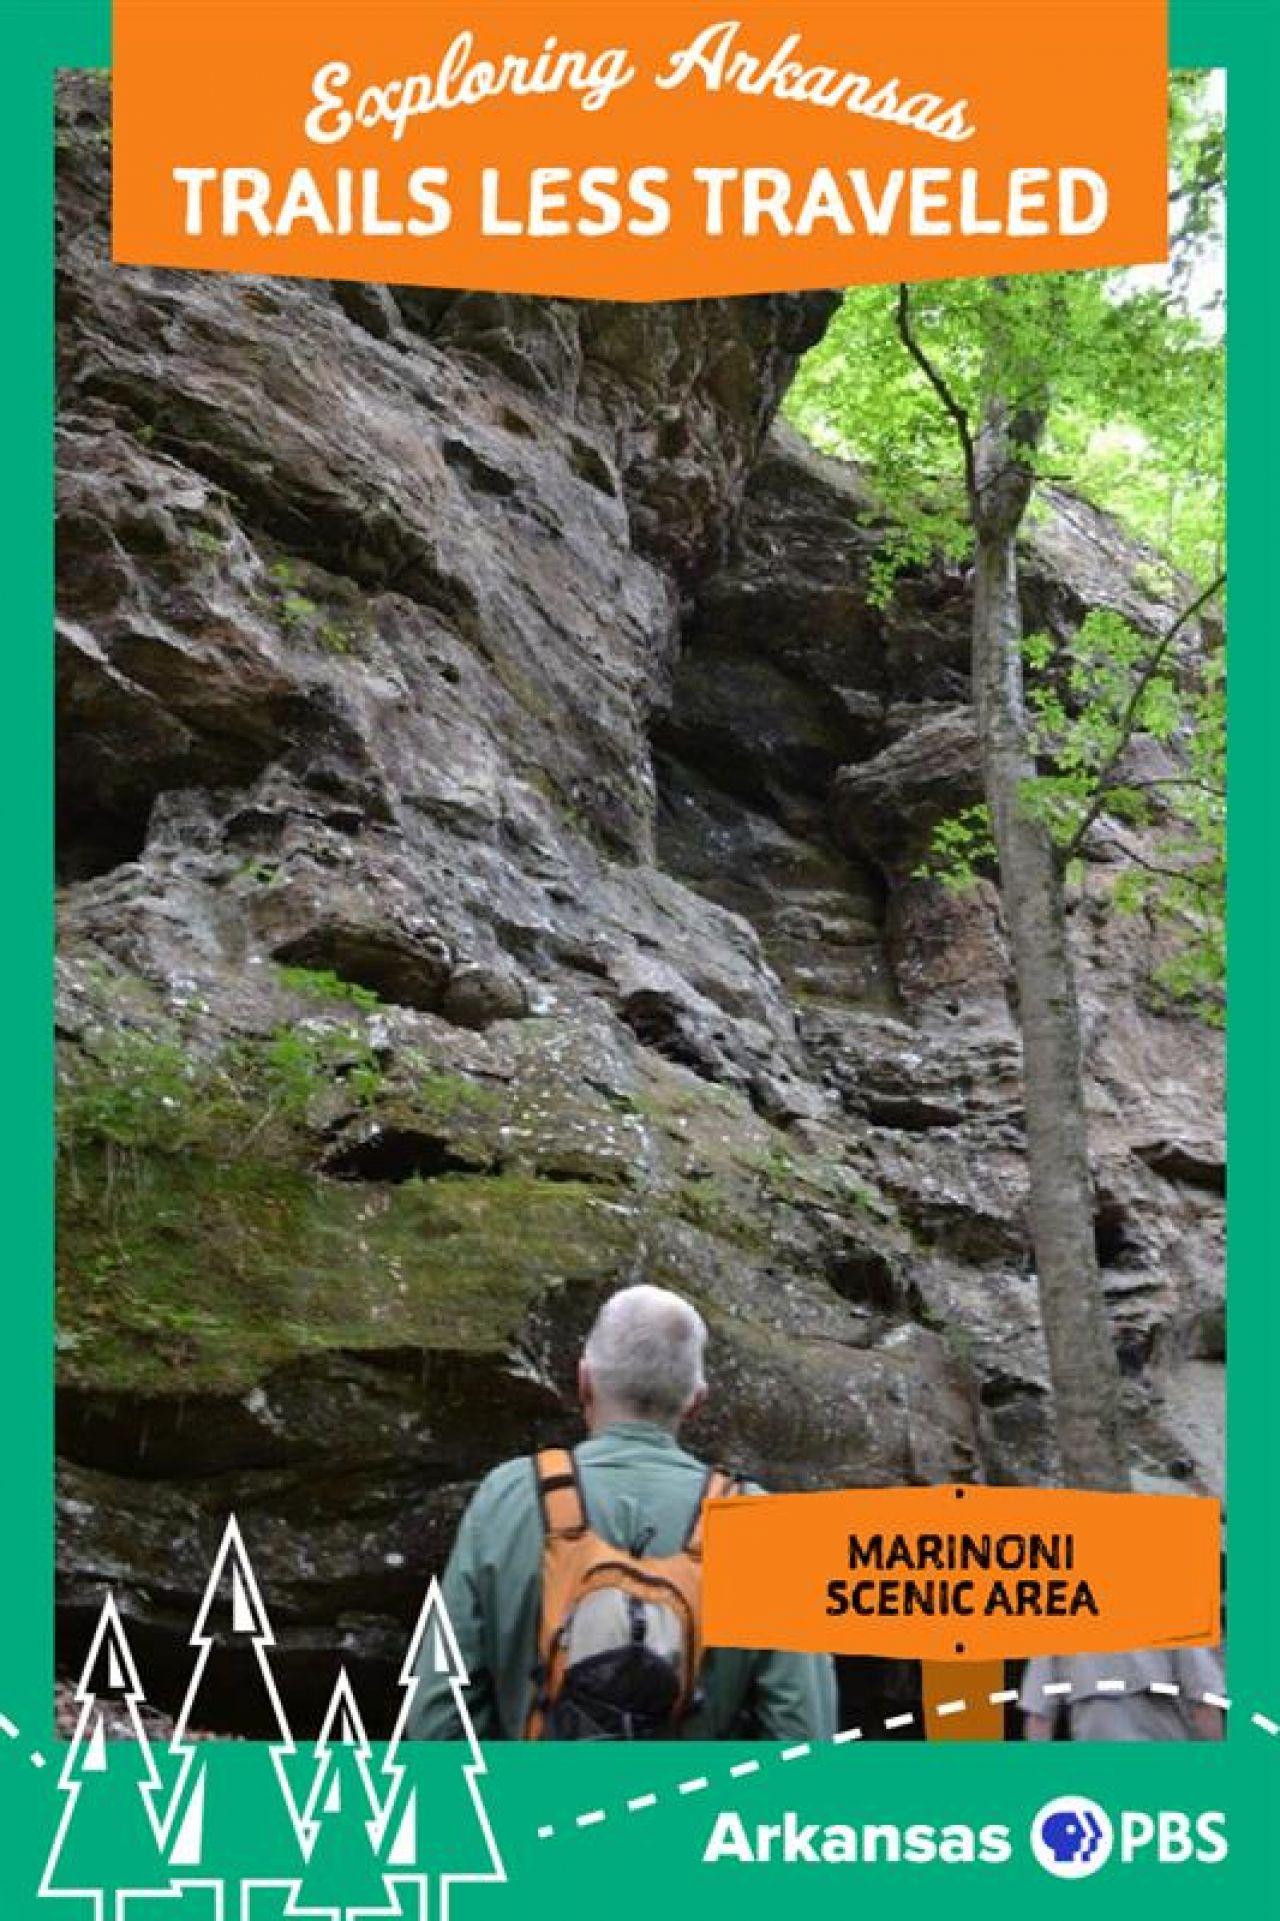 Hiking Marinoni Scenic Area